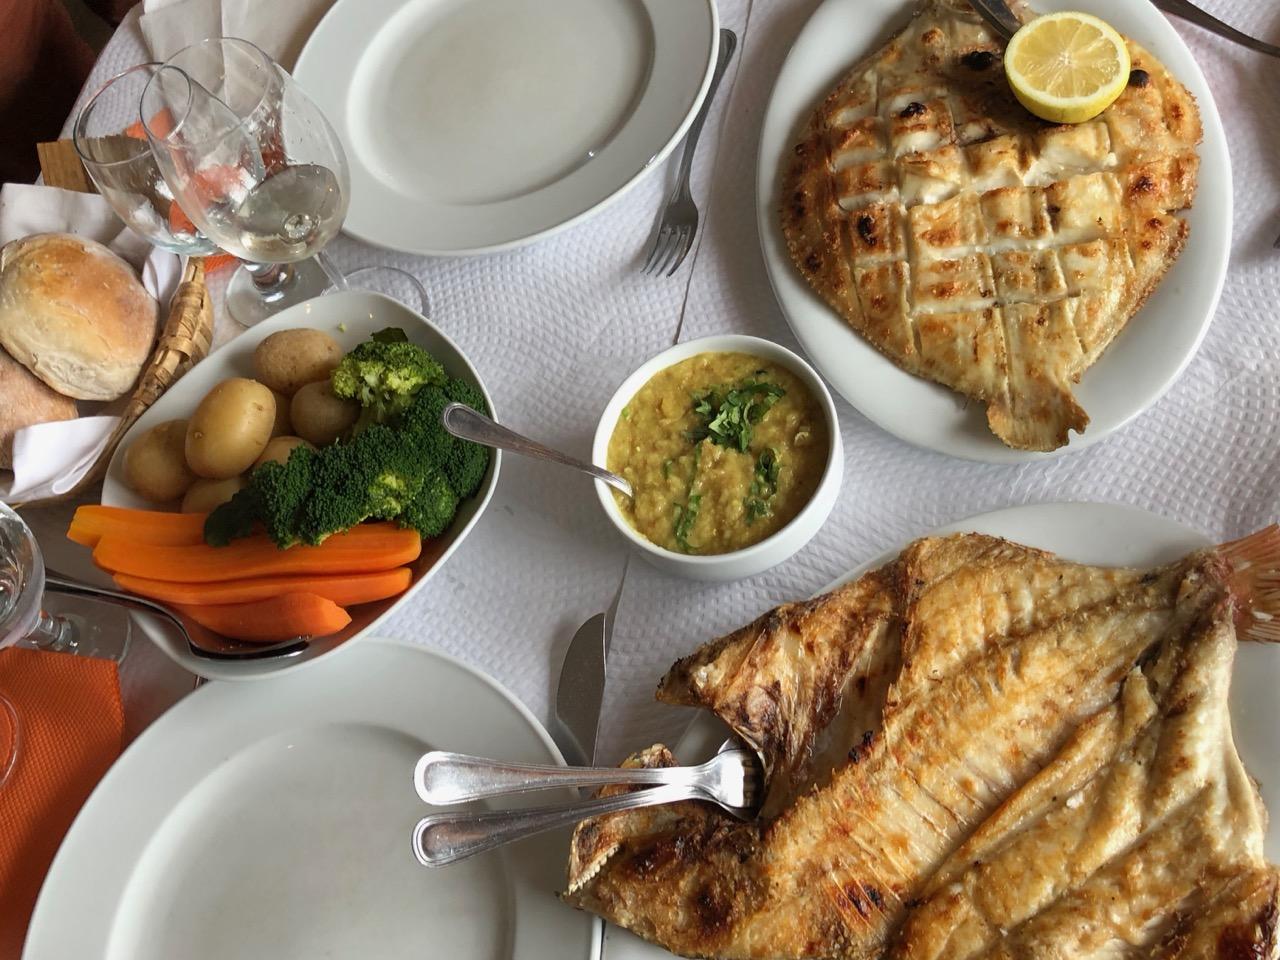 Dinner at Canastra